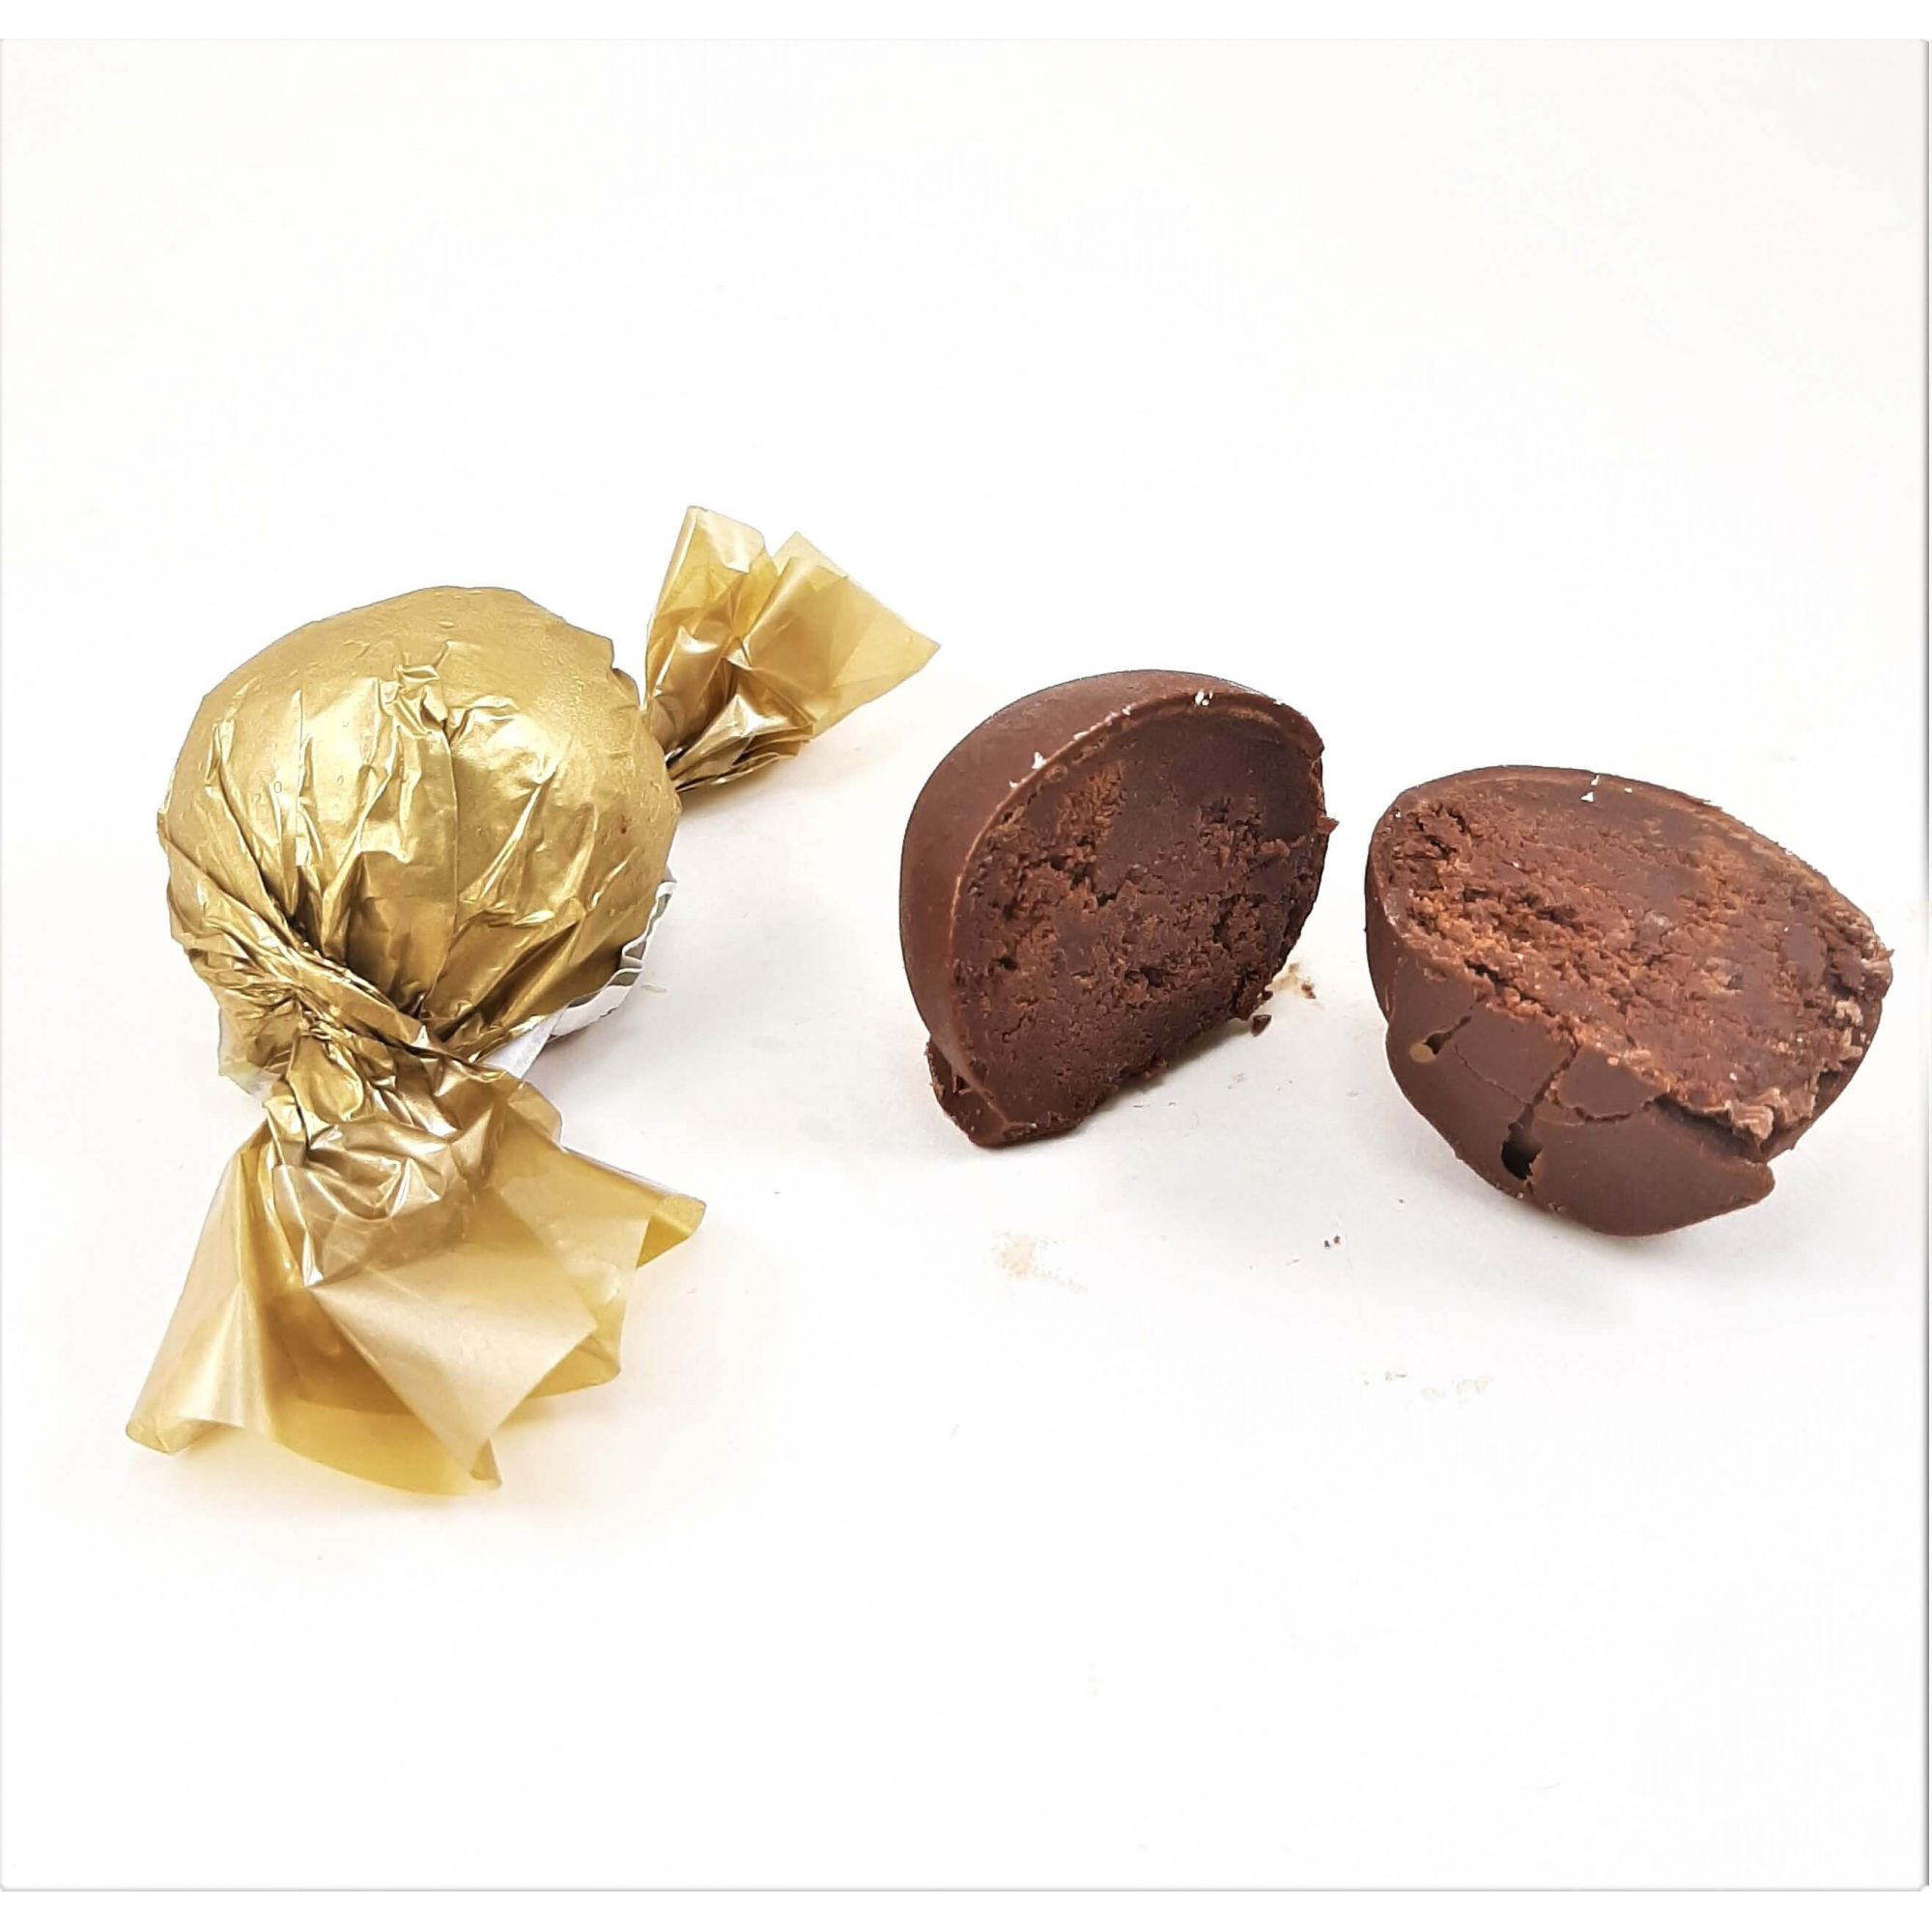 Trufa de Chocolate Sem Leite SOS Alergia 55g